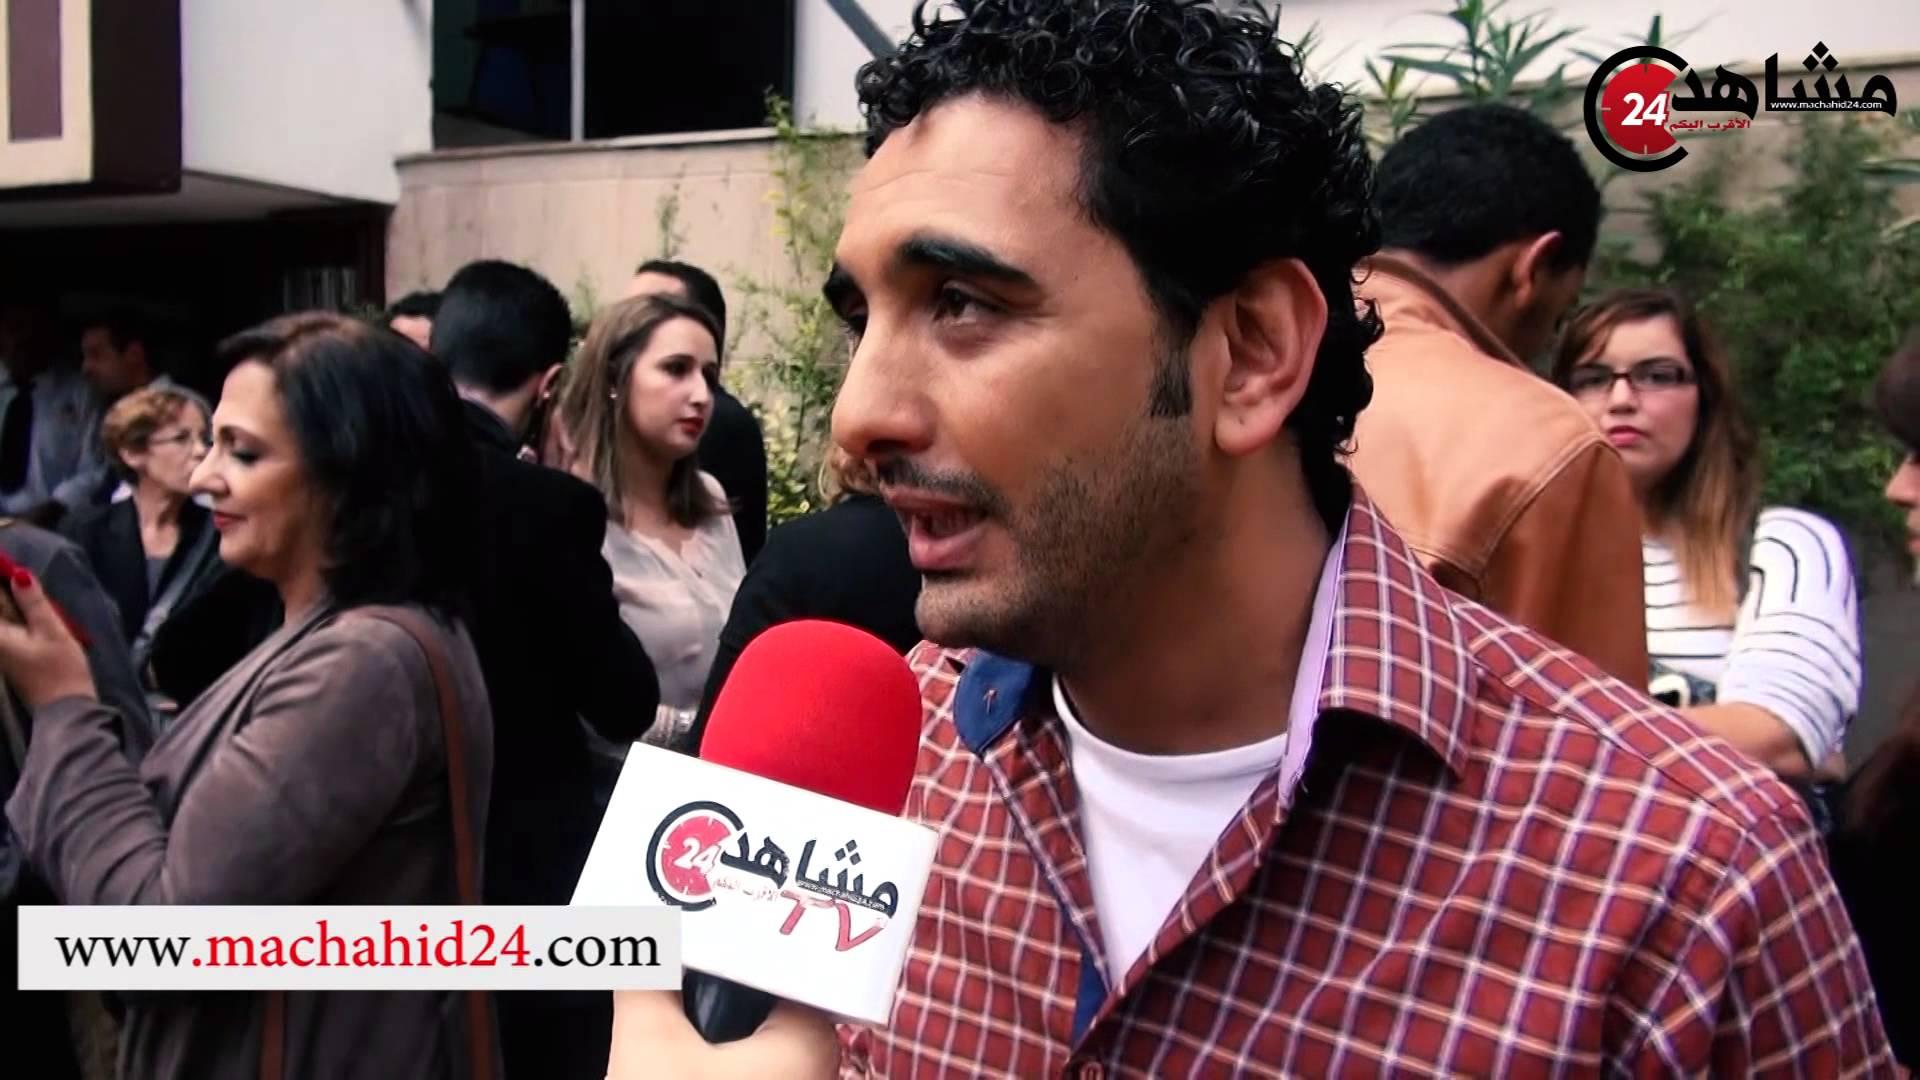 يونس الركاب: فليم الأوراق الميتة هو تصالح السينما المغربية مع الجمهور